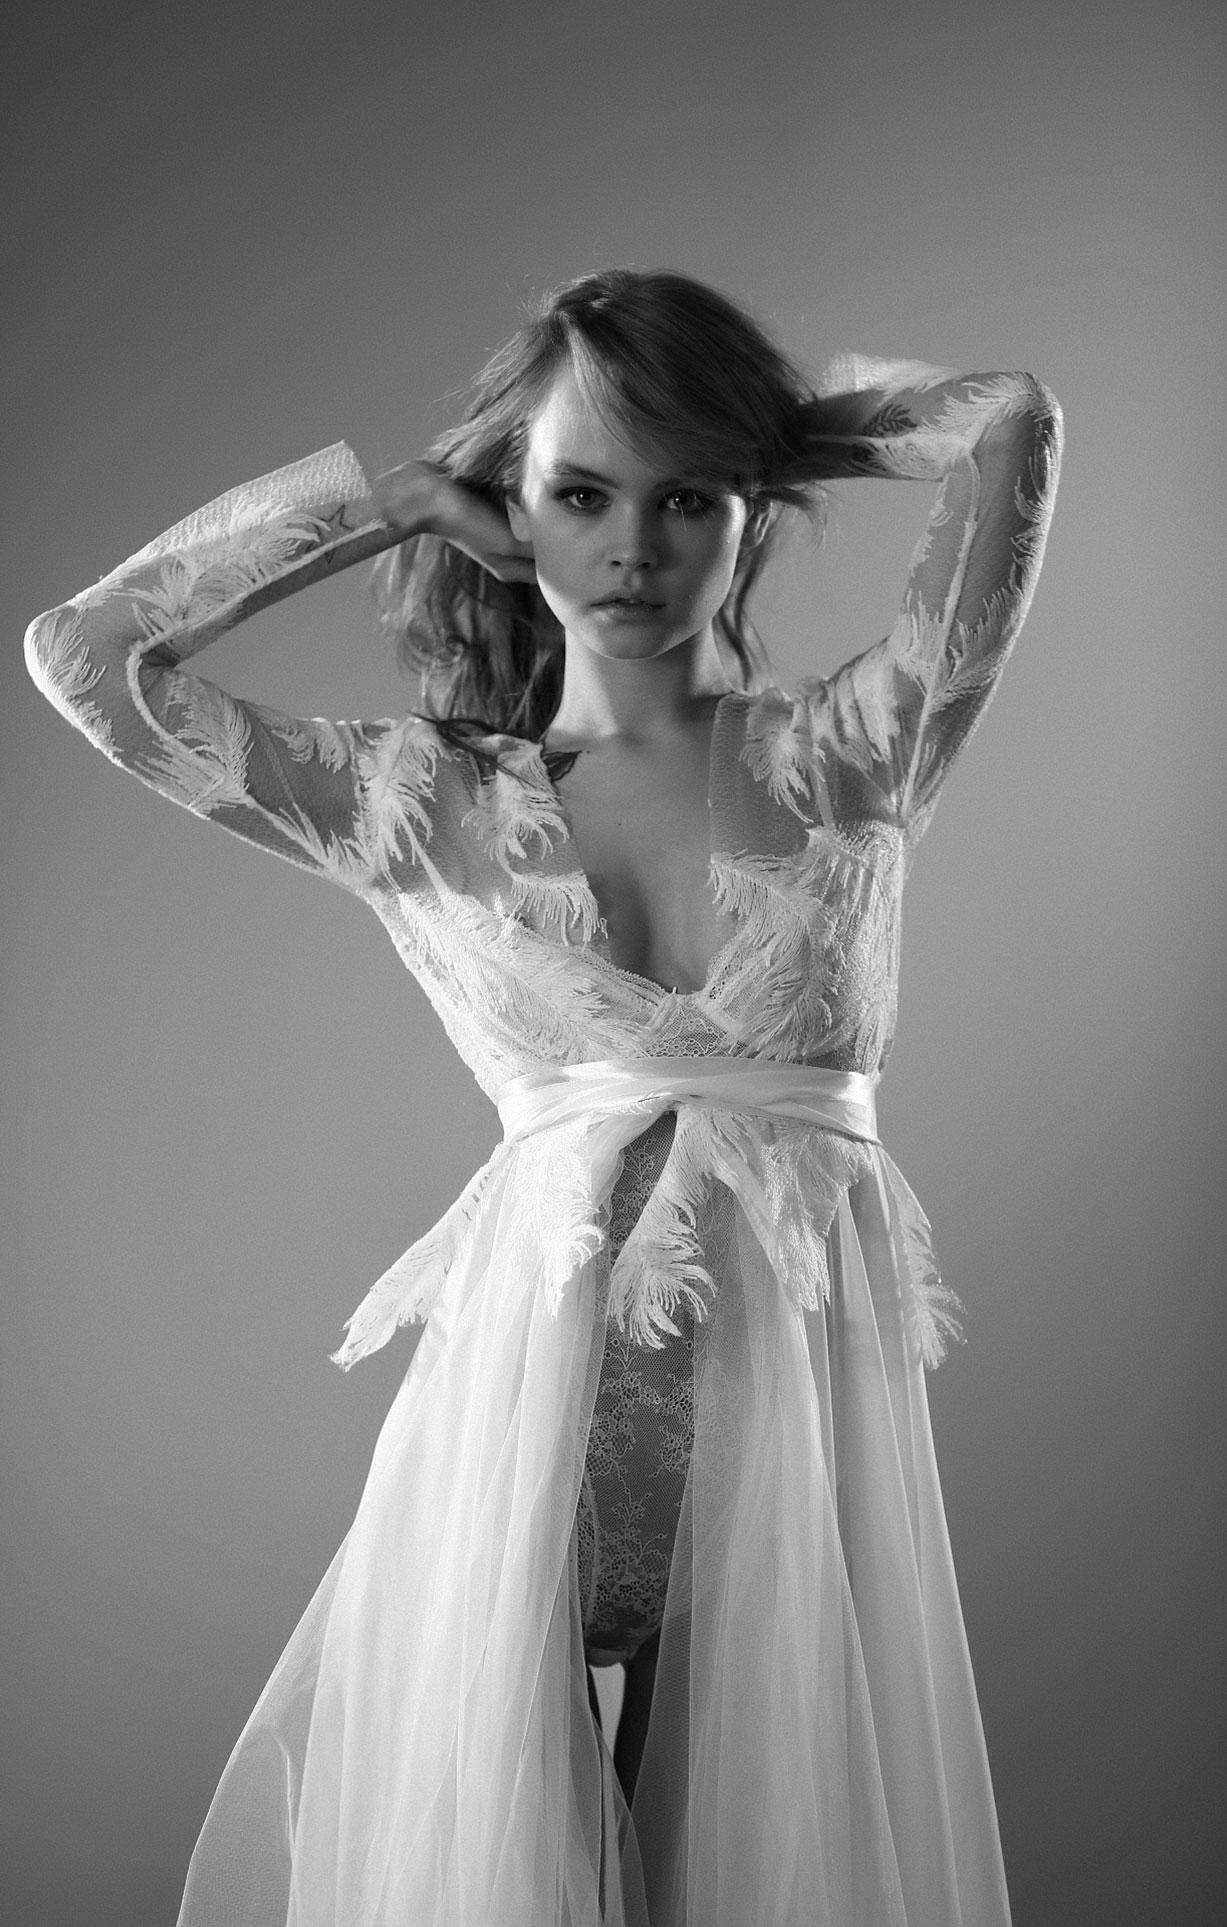 Анастасия Щеглова в нижнем белье для невесты / фото 01